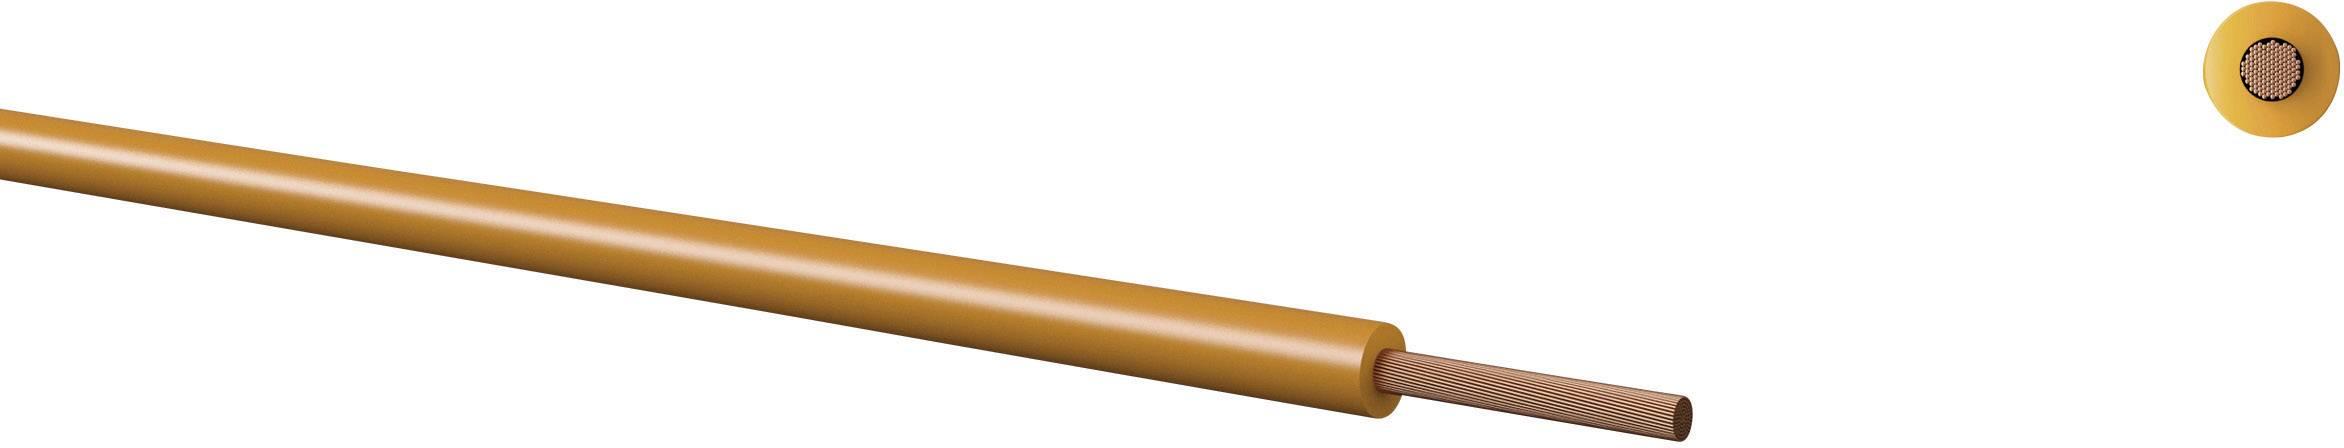 Opletenie / lanko Kabeltronik 160105002 LiFY, 1 x 0.50 mm², vonkajší Ø 2 mm, metrový tovar, hnedá